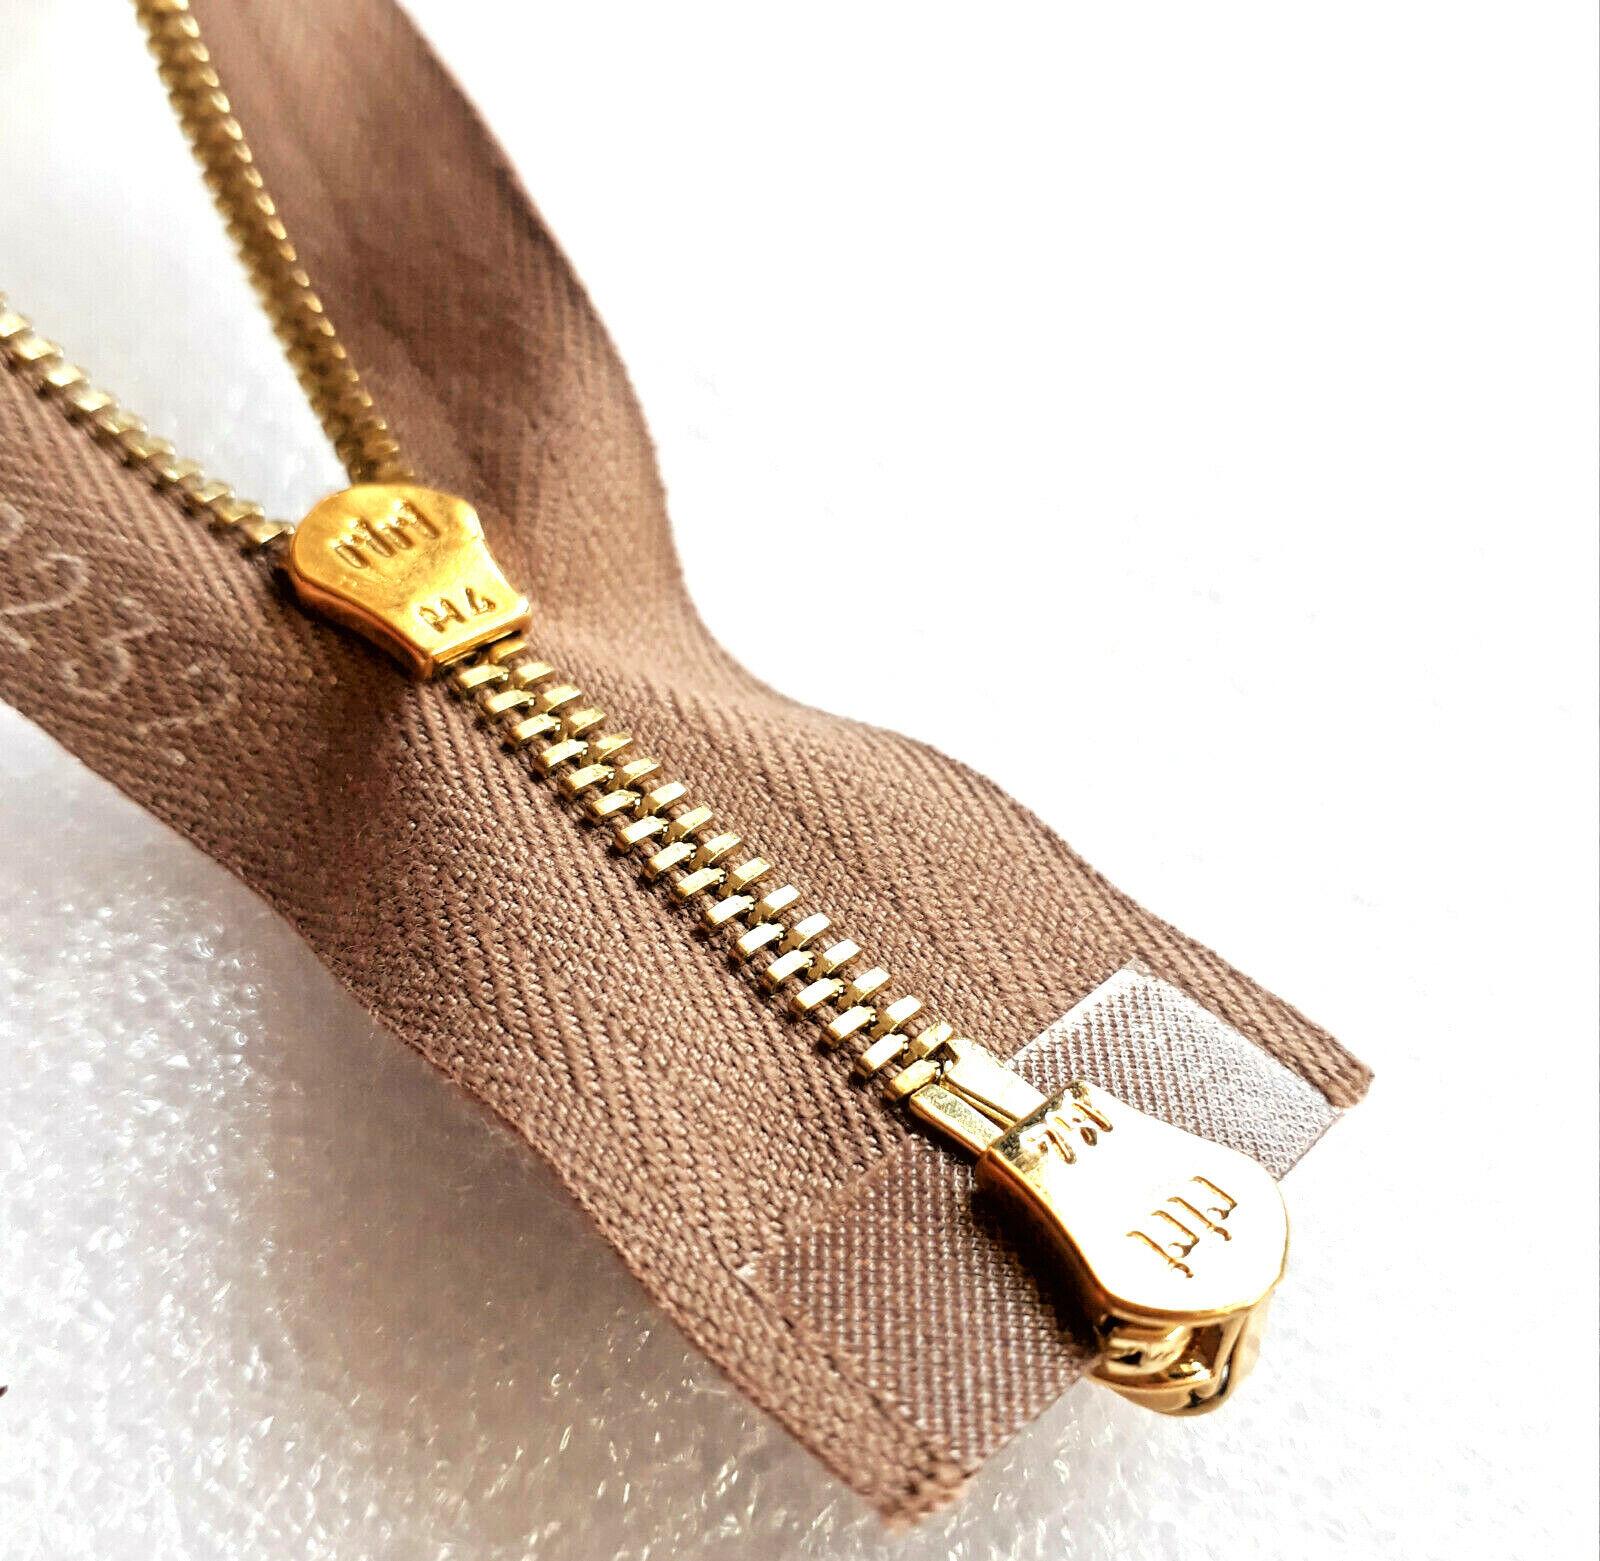 Reißverschluss gelb 64 cm 6 mm riri Swiss Zipper 1 W